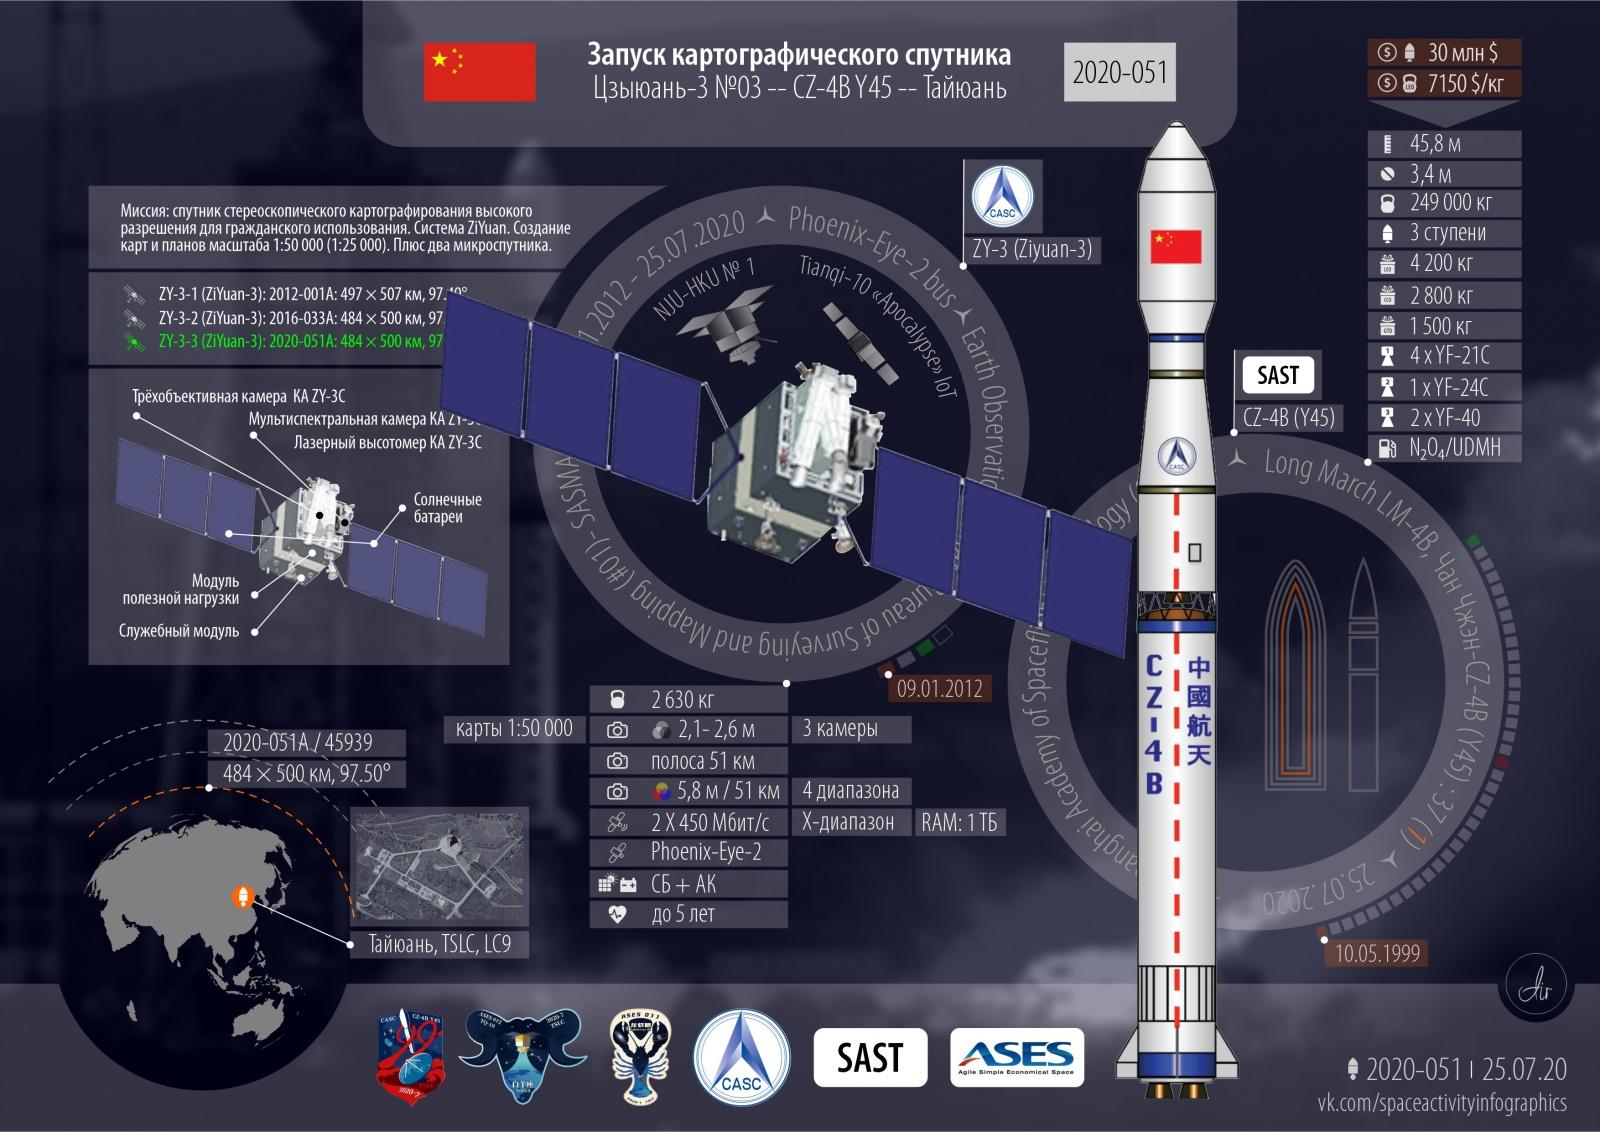 Успешный запуск. Картографический спутник с попутчиками. Запуски 2020 года: 57-й, 51-й успешный, 21-й от Китая - 2